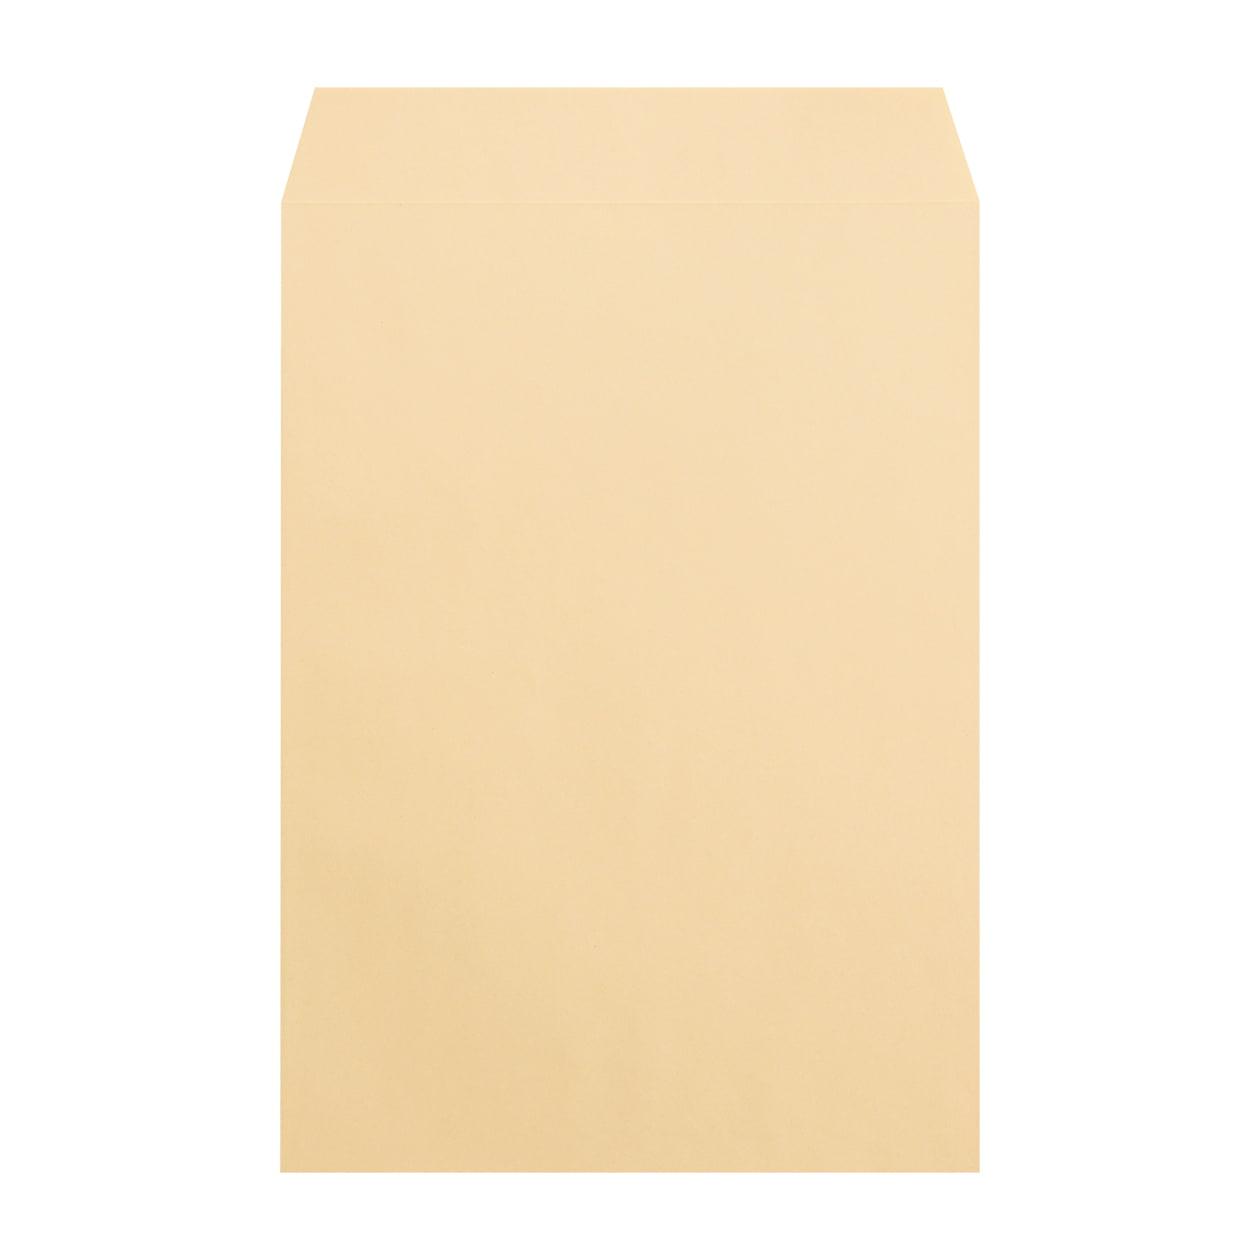 角2封筒 クラフト 85g